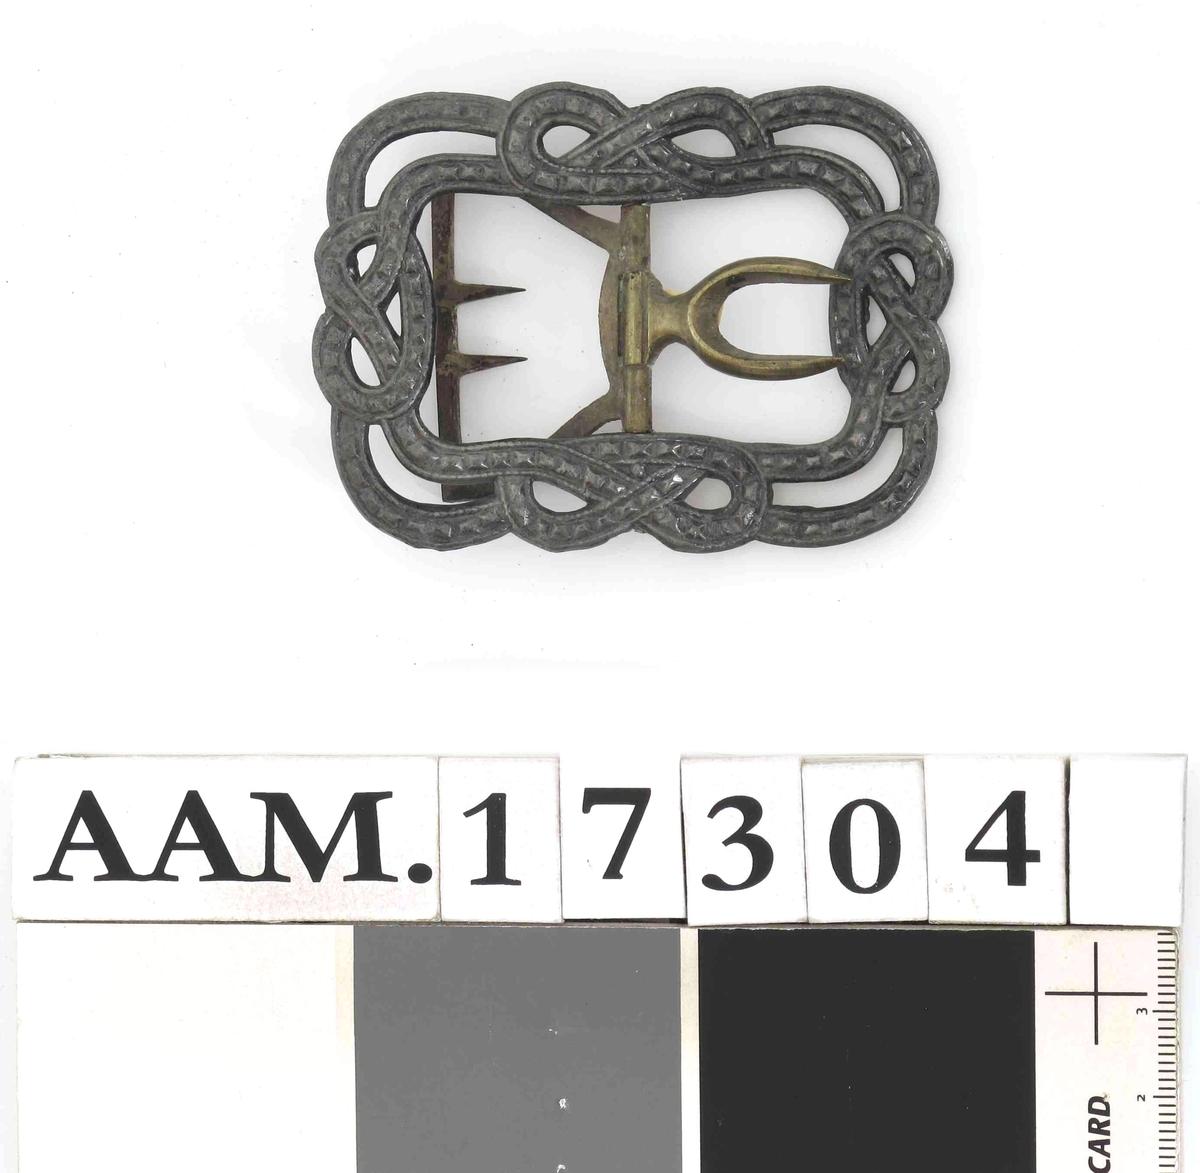 Skospenne, i stål, med hekte av messing. Formet som 2 slyngende bånd  med opphøyde knopper  i kringleform midt på hver side.    Fra  mannssko, svart,